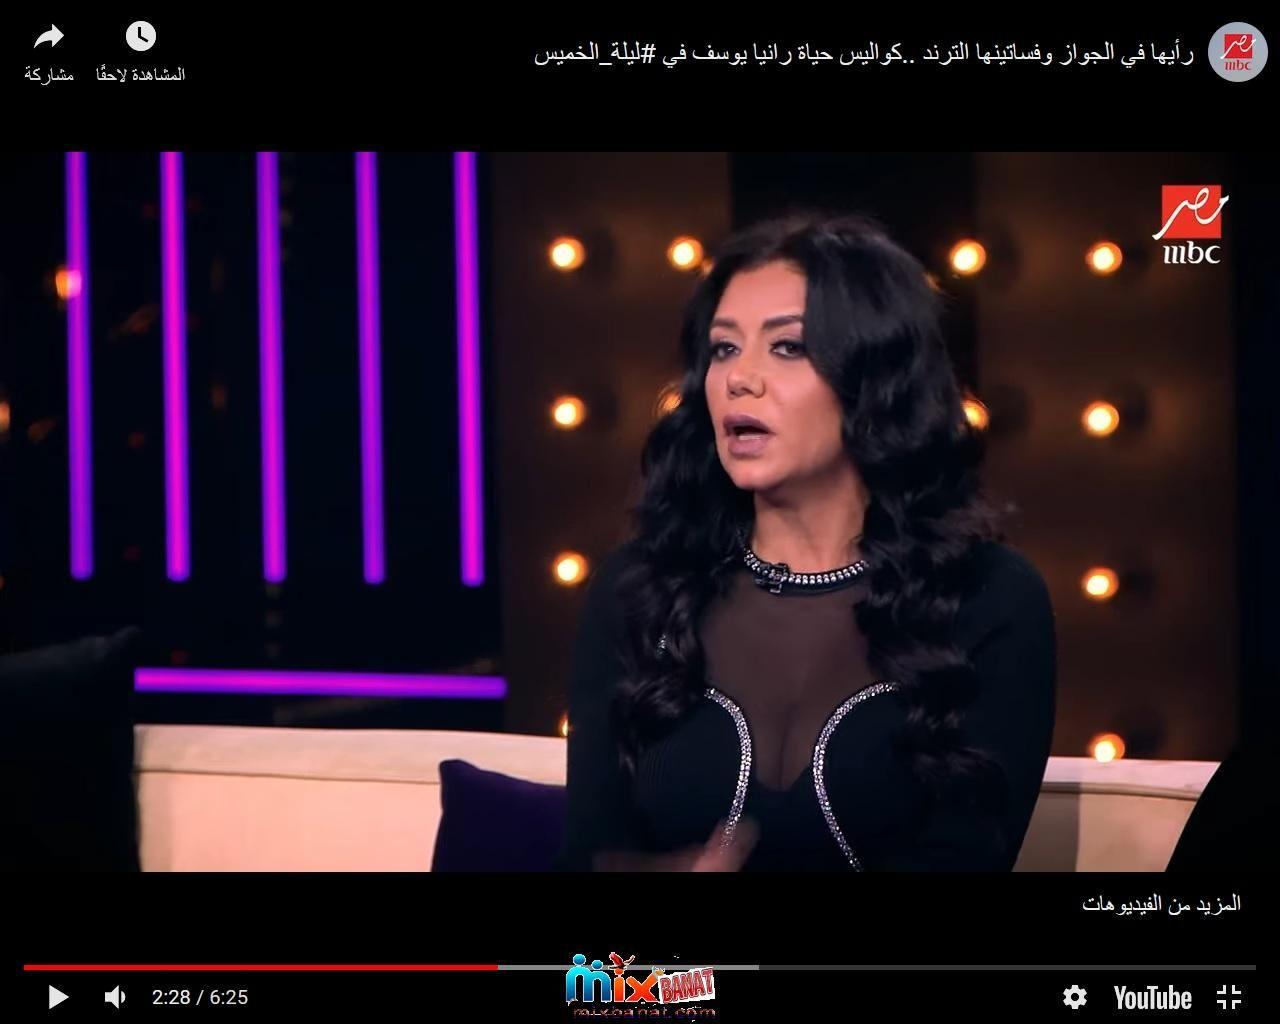 الفنانة رانيا يوسف عن رأيها في الزواج مؤكدة أنها لن تكرر هذه التجربة مجددا In 2021 Accounting